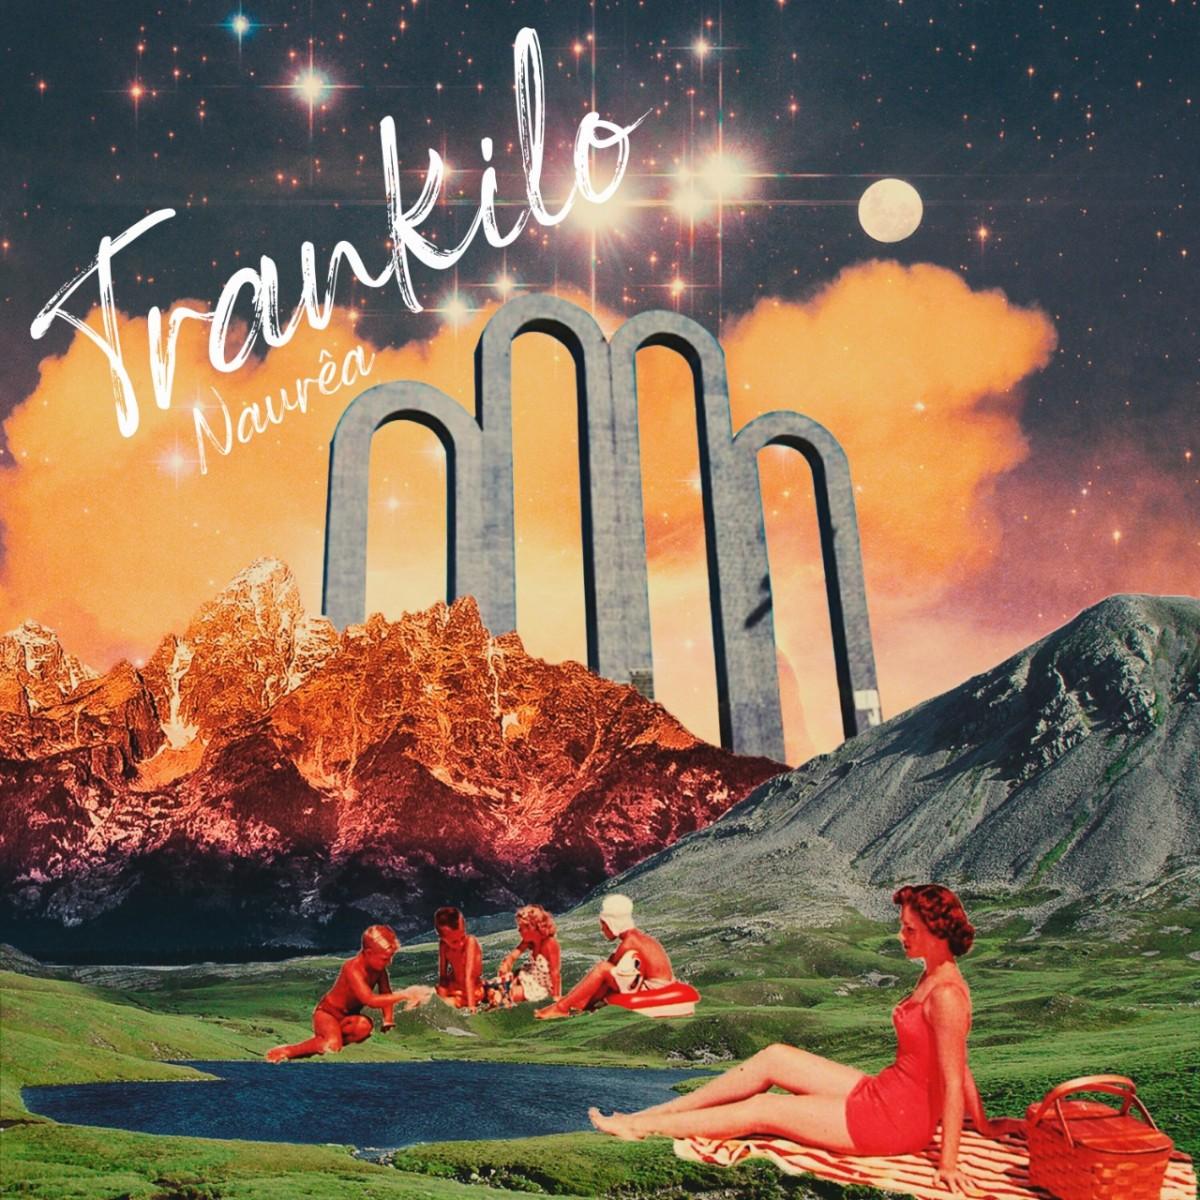 """Capa do single """"Trankilo"""" (Arte:Fernando Xeres)"""